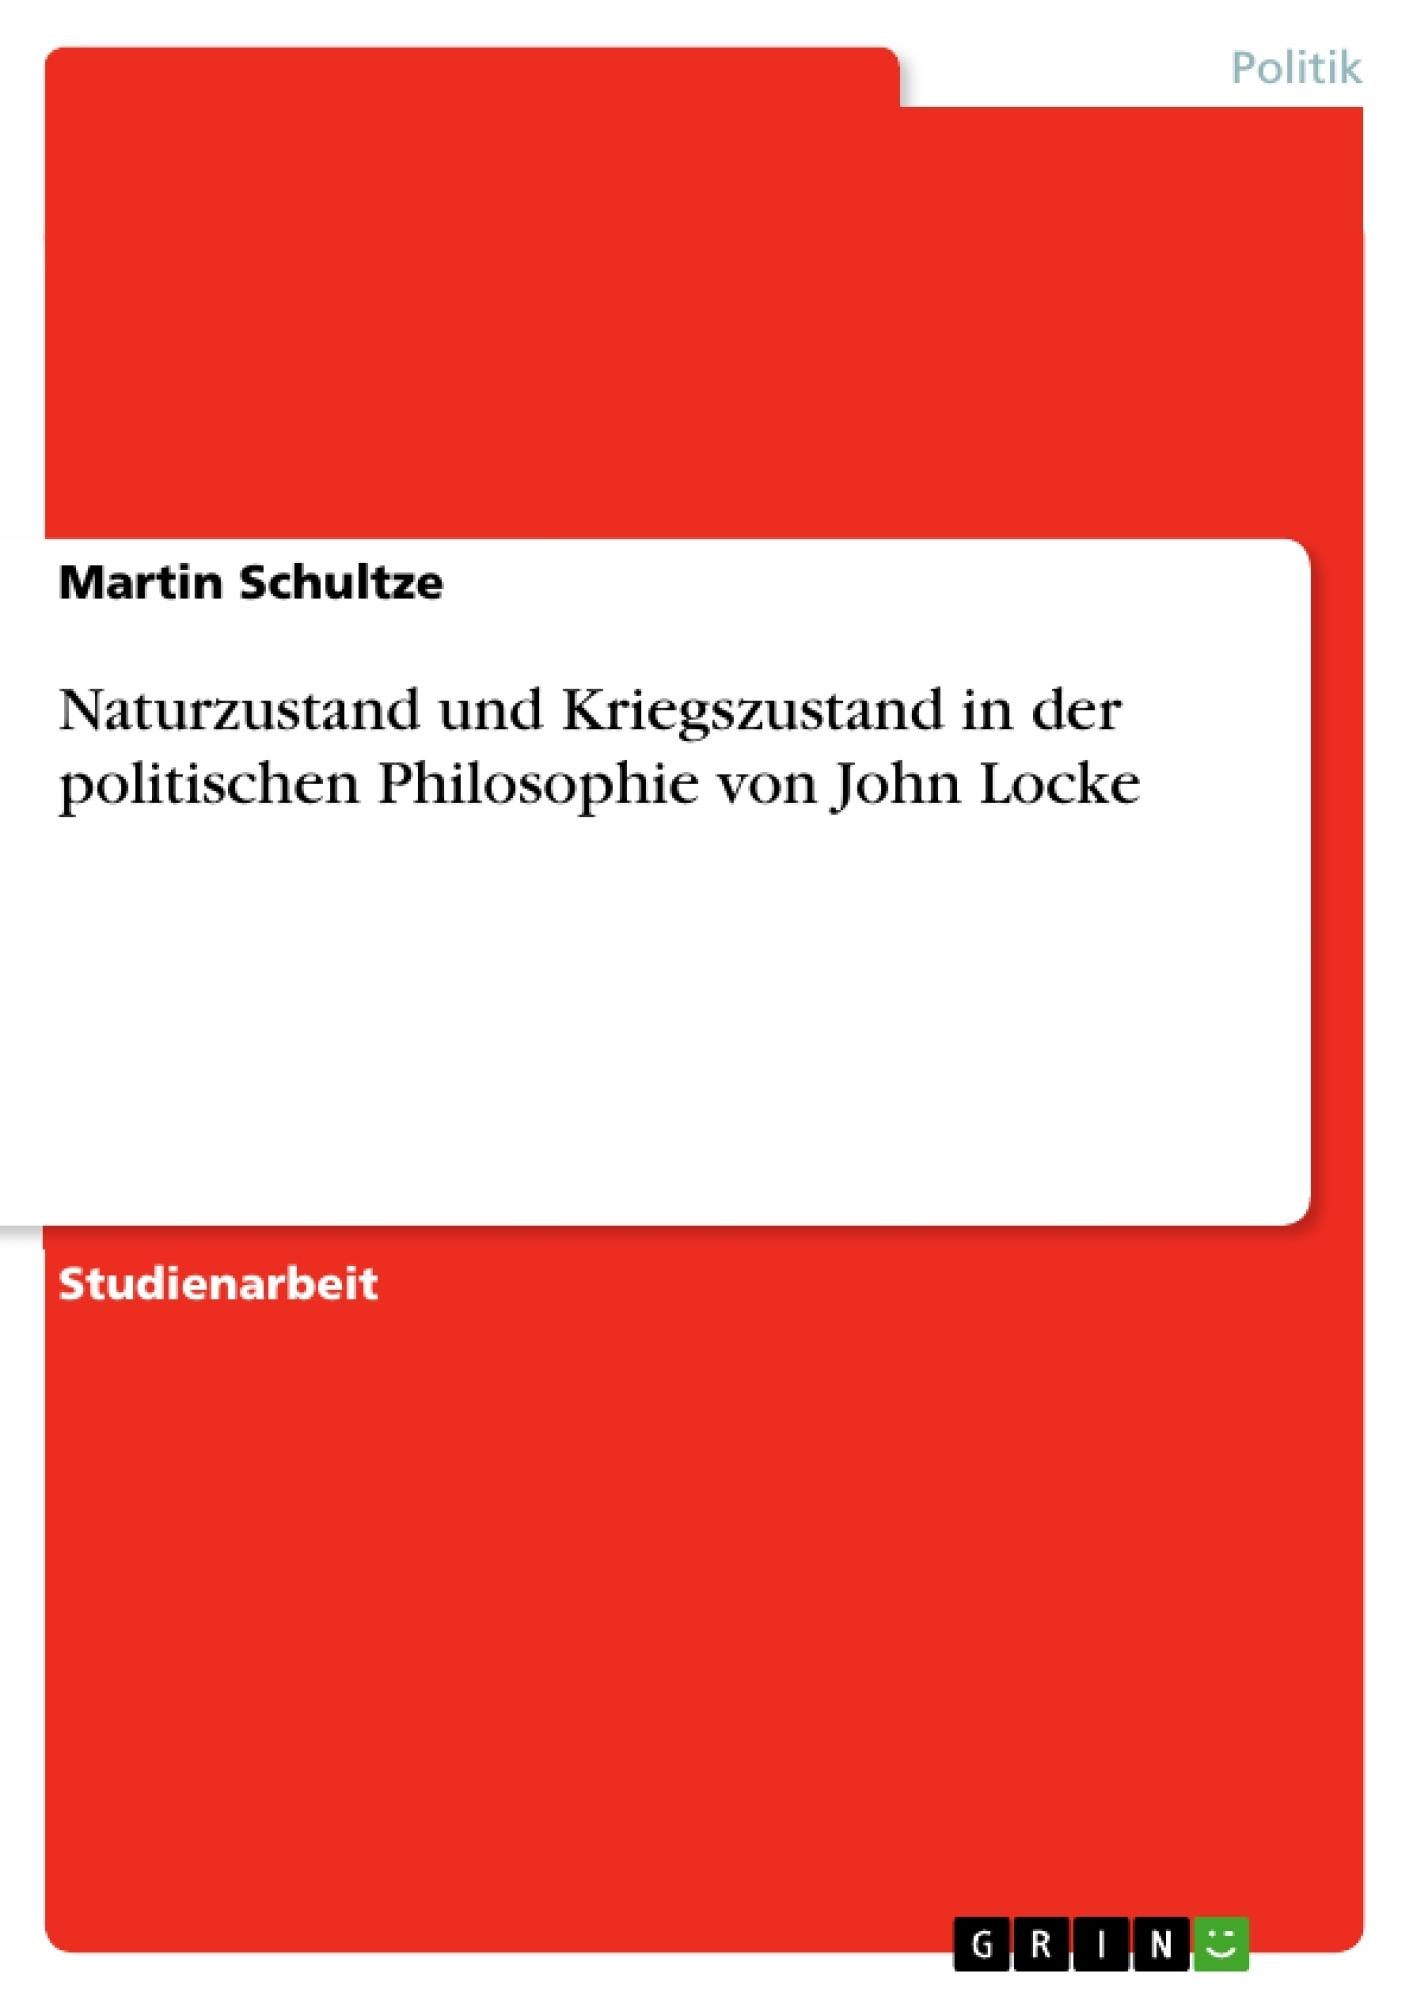 Titel: Naturzustand und Kriegszustand in der politischen Philosophie von John Locke